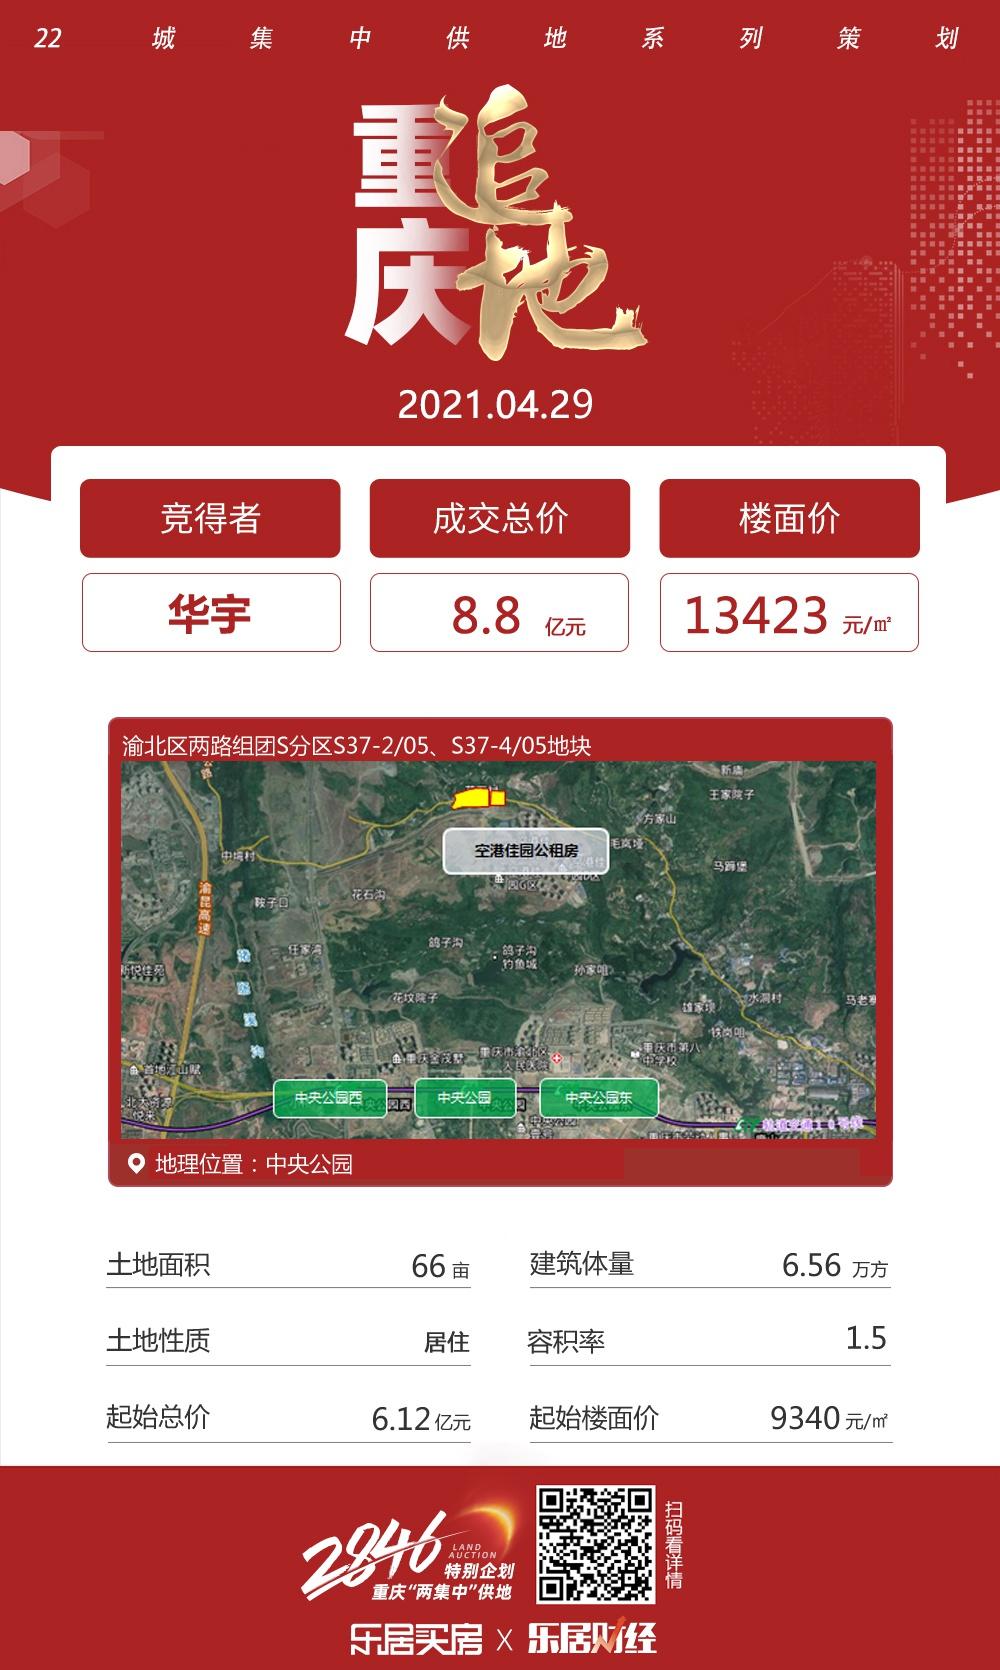 华宇8.8亿元竞得重庆中央公园66亩地  溢价率43.71%